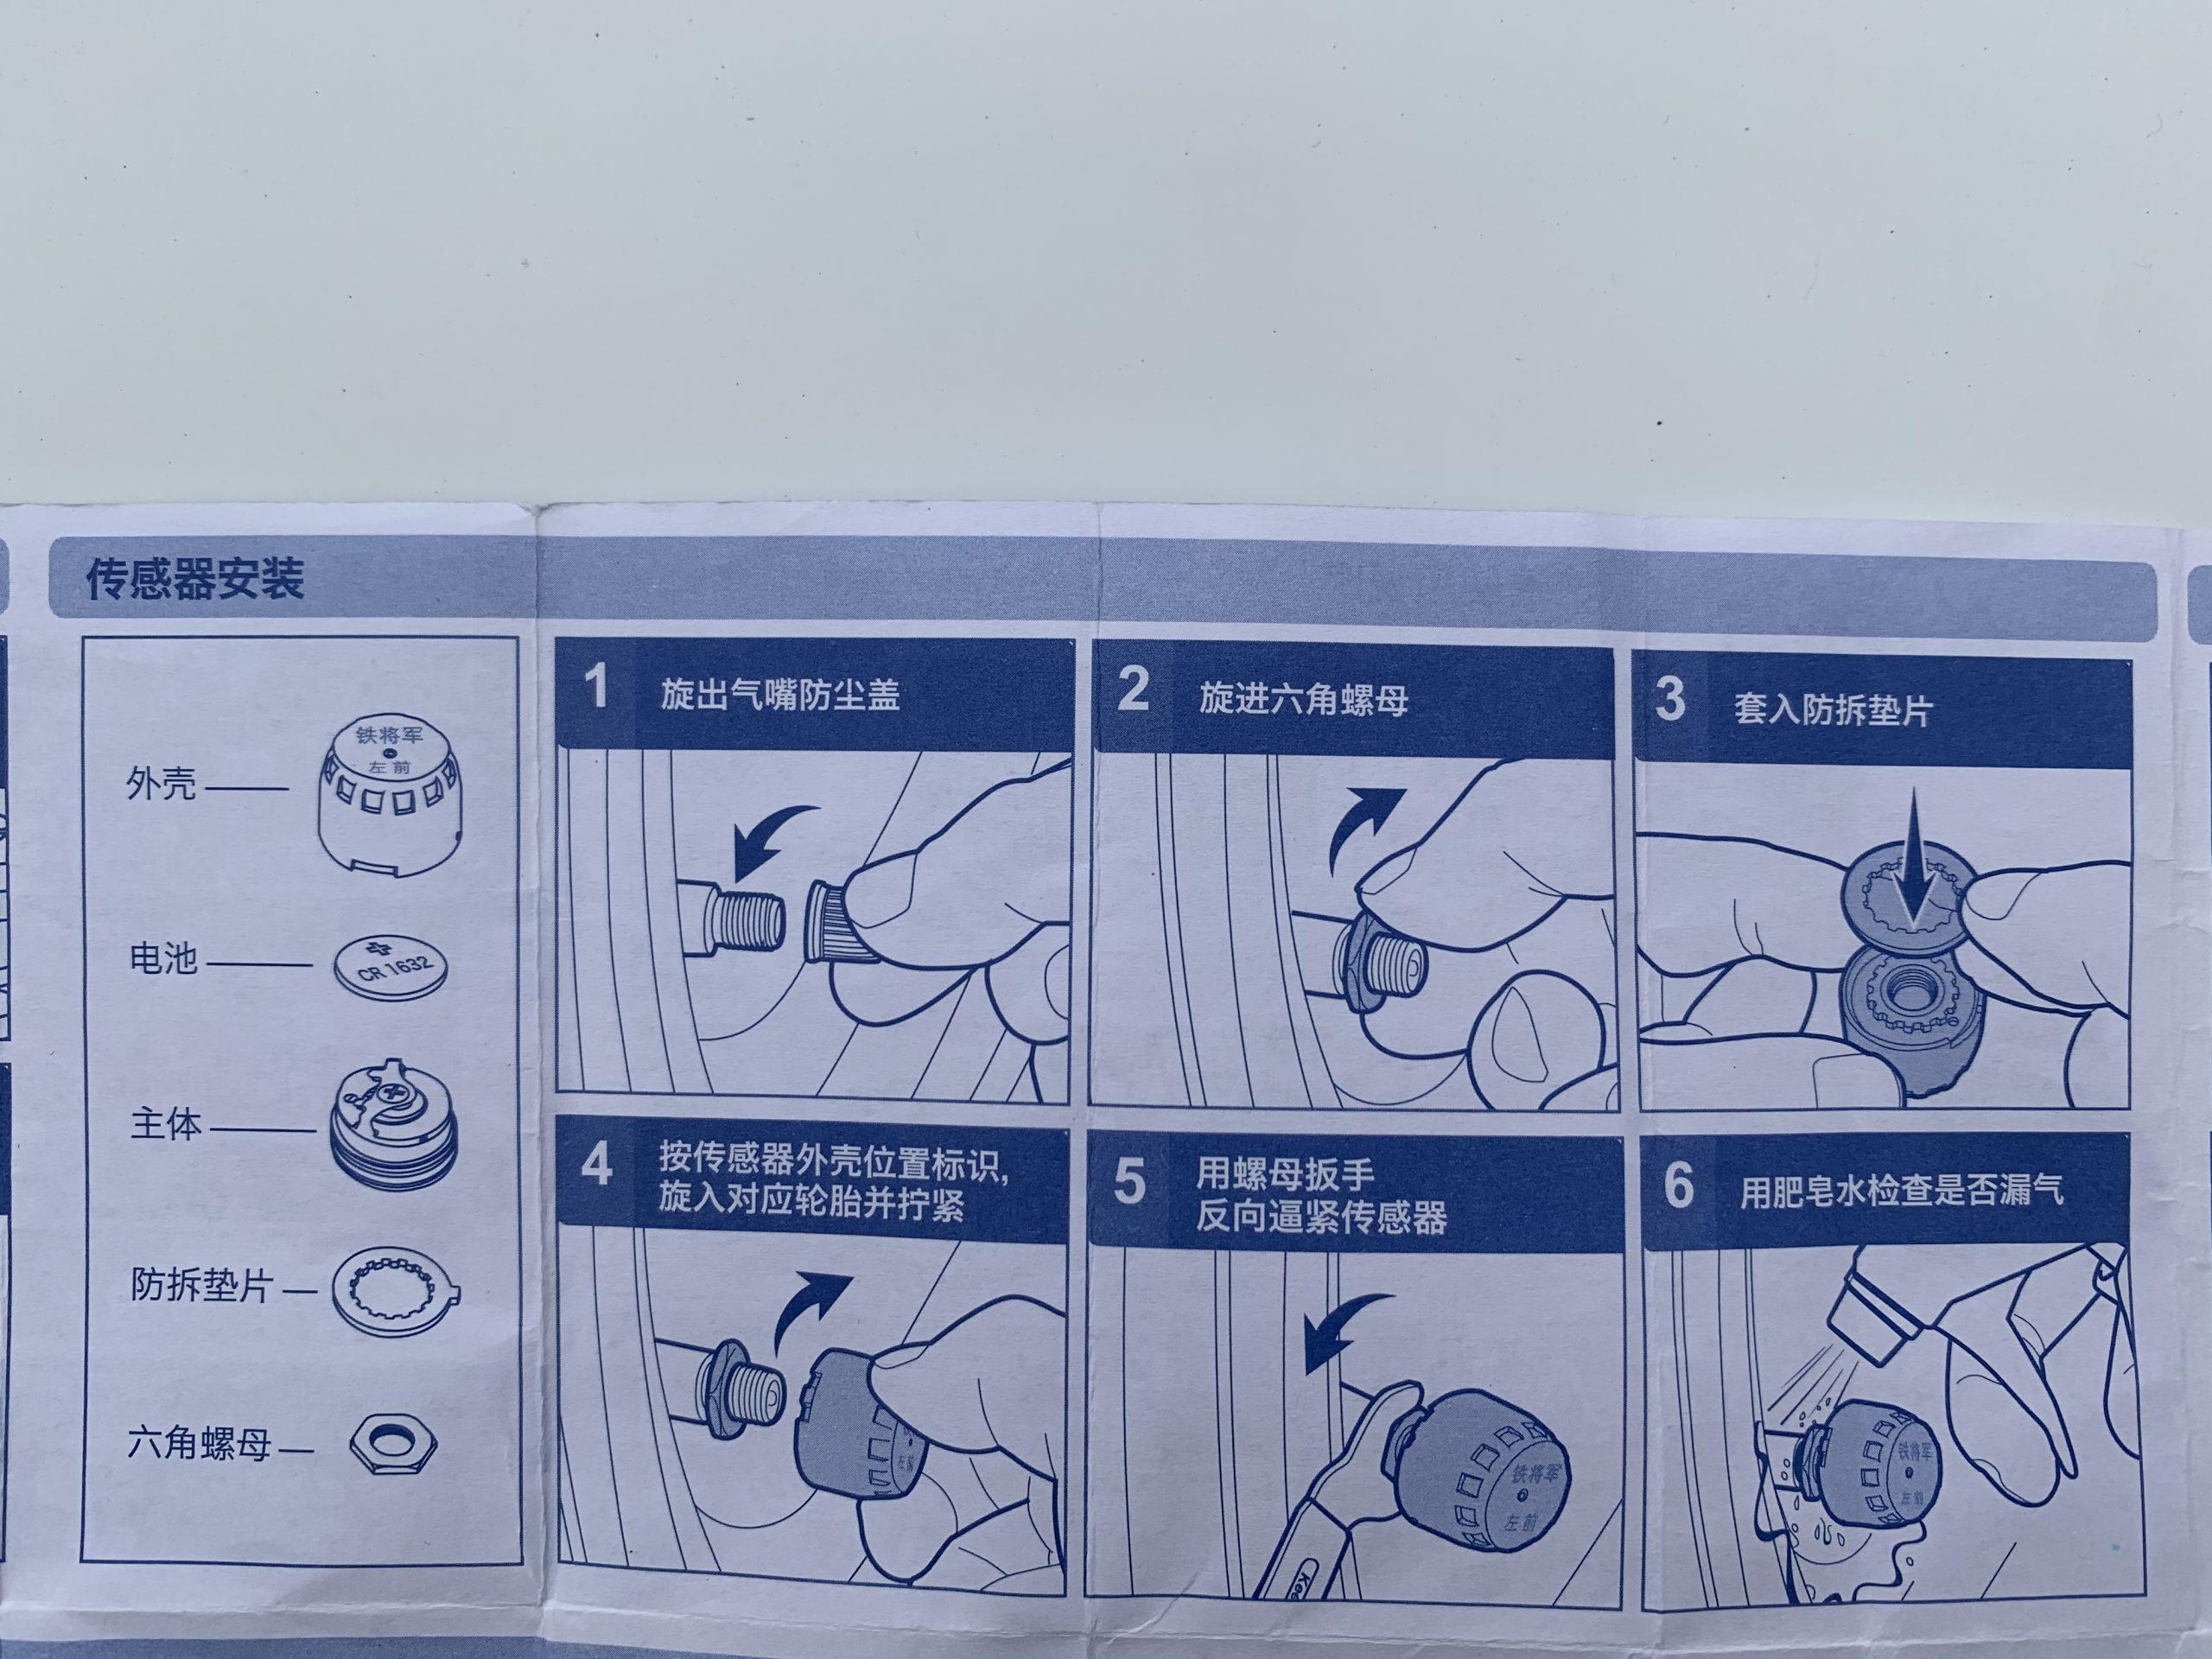 铁将军胎压监测说明书完整版